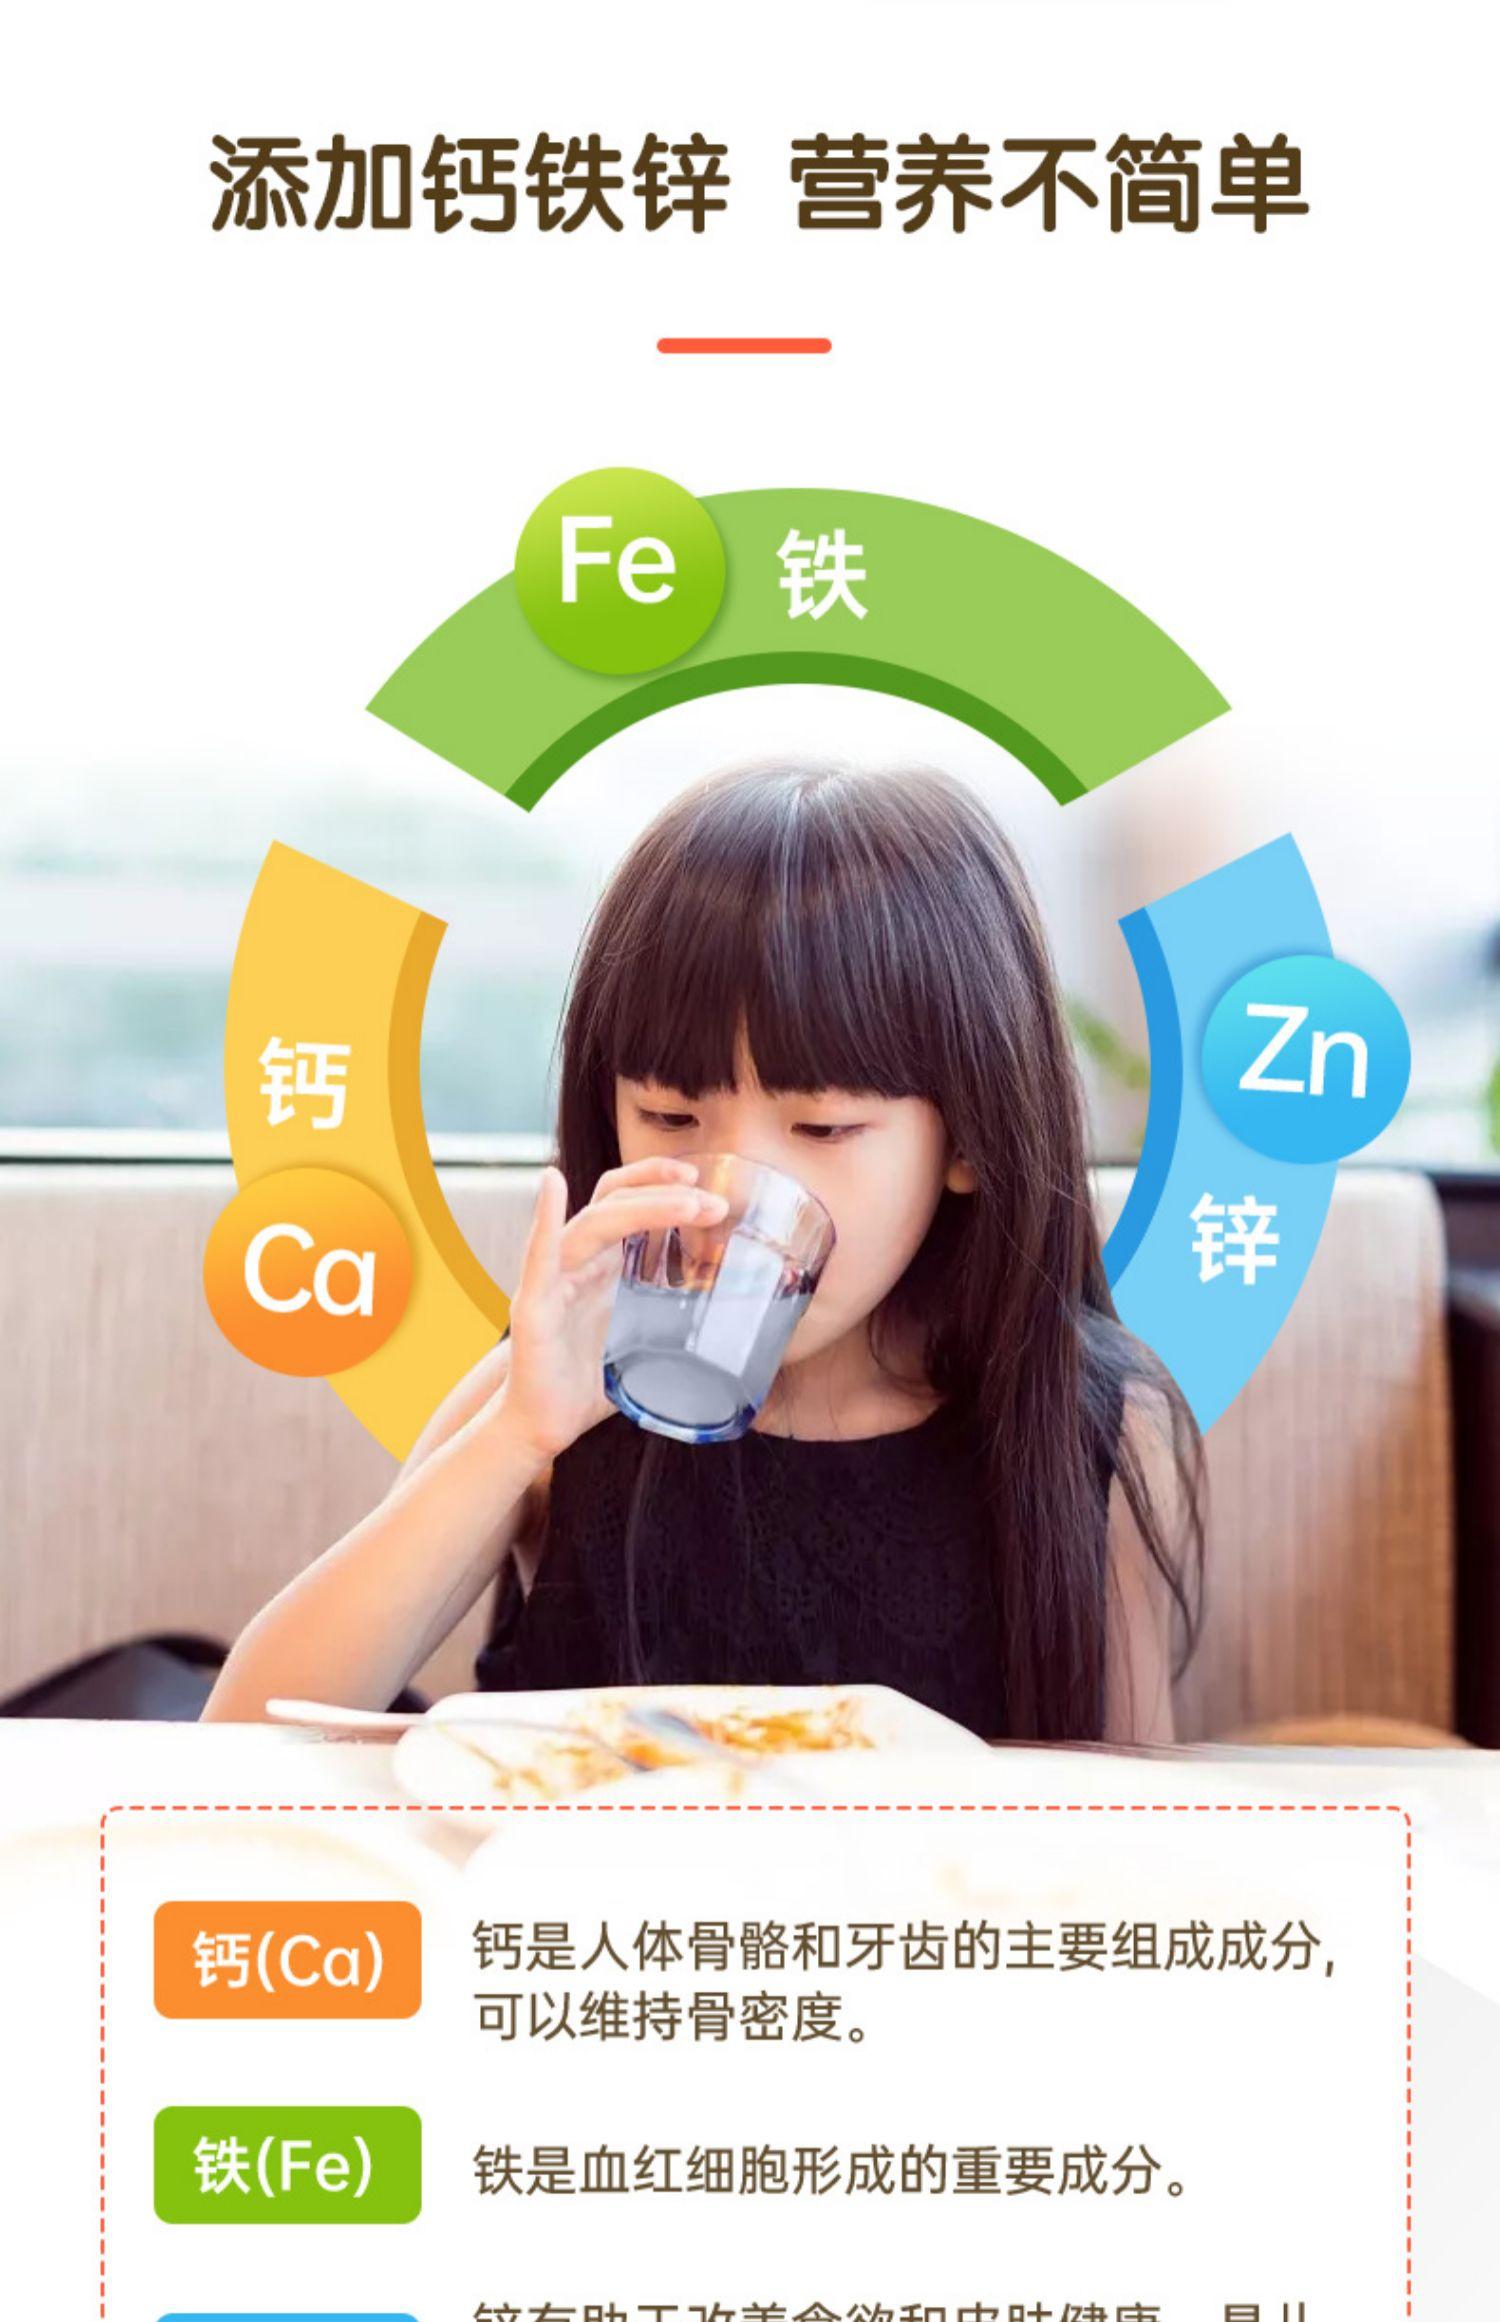 钙铁锌益生元无水葡萄糖婴幼儿增强免疫力5